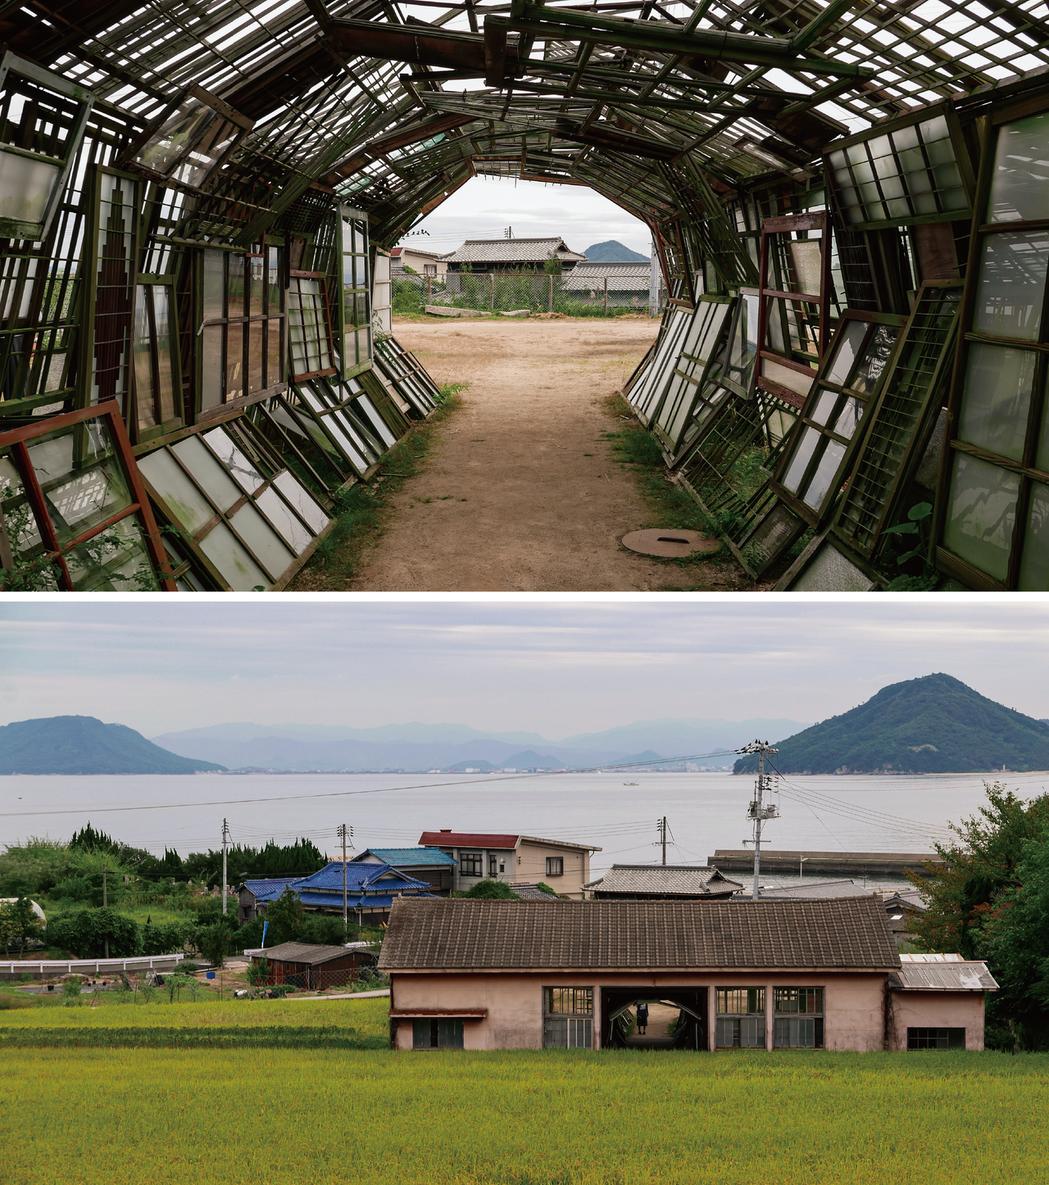 2016年瀨戶內國際藝術祭豊島甲生村《遙遠的記憶》作品現場。 圖/許翼翔拍攝提供